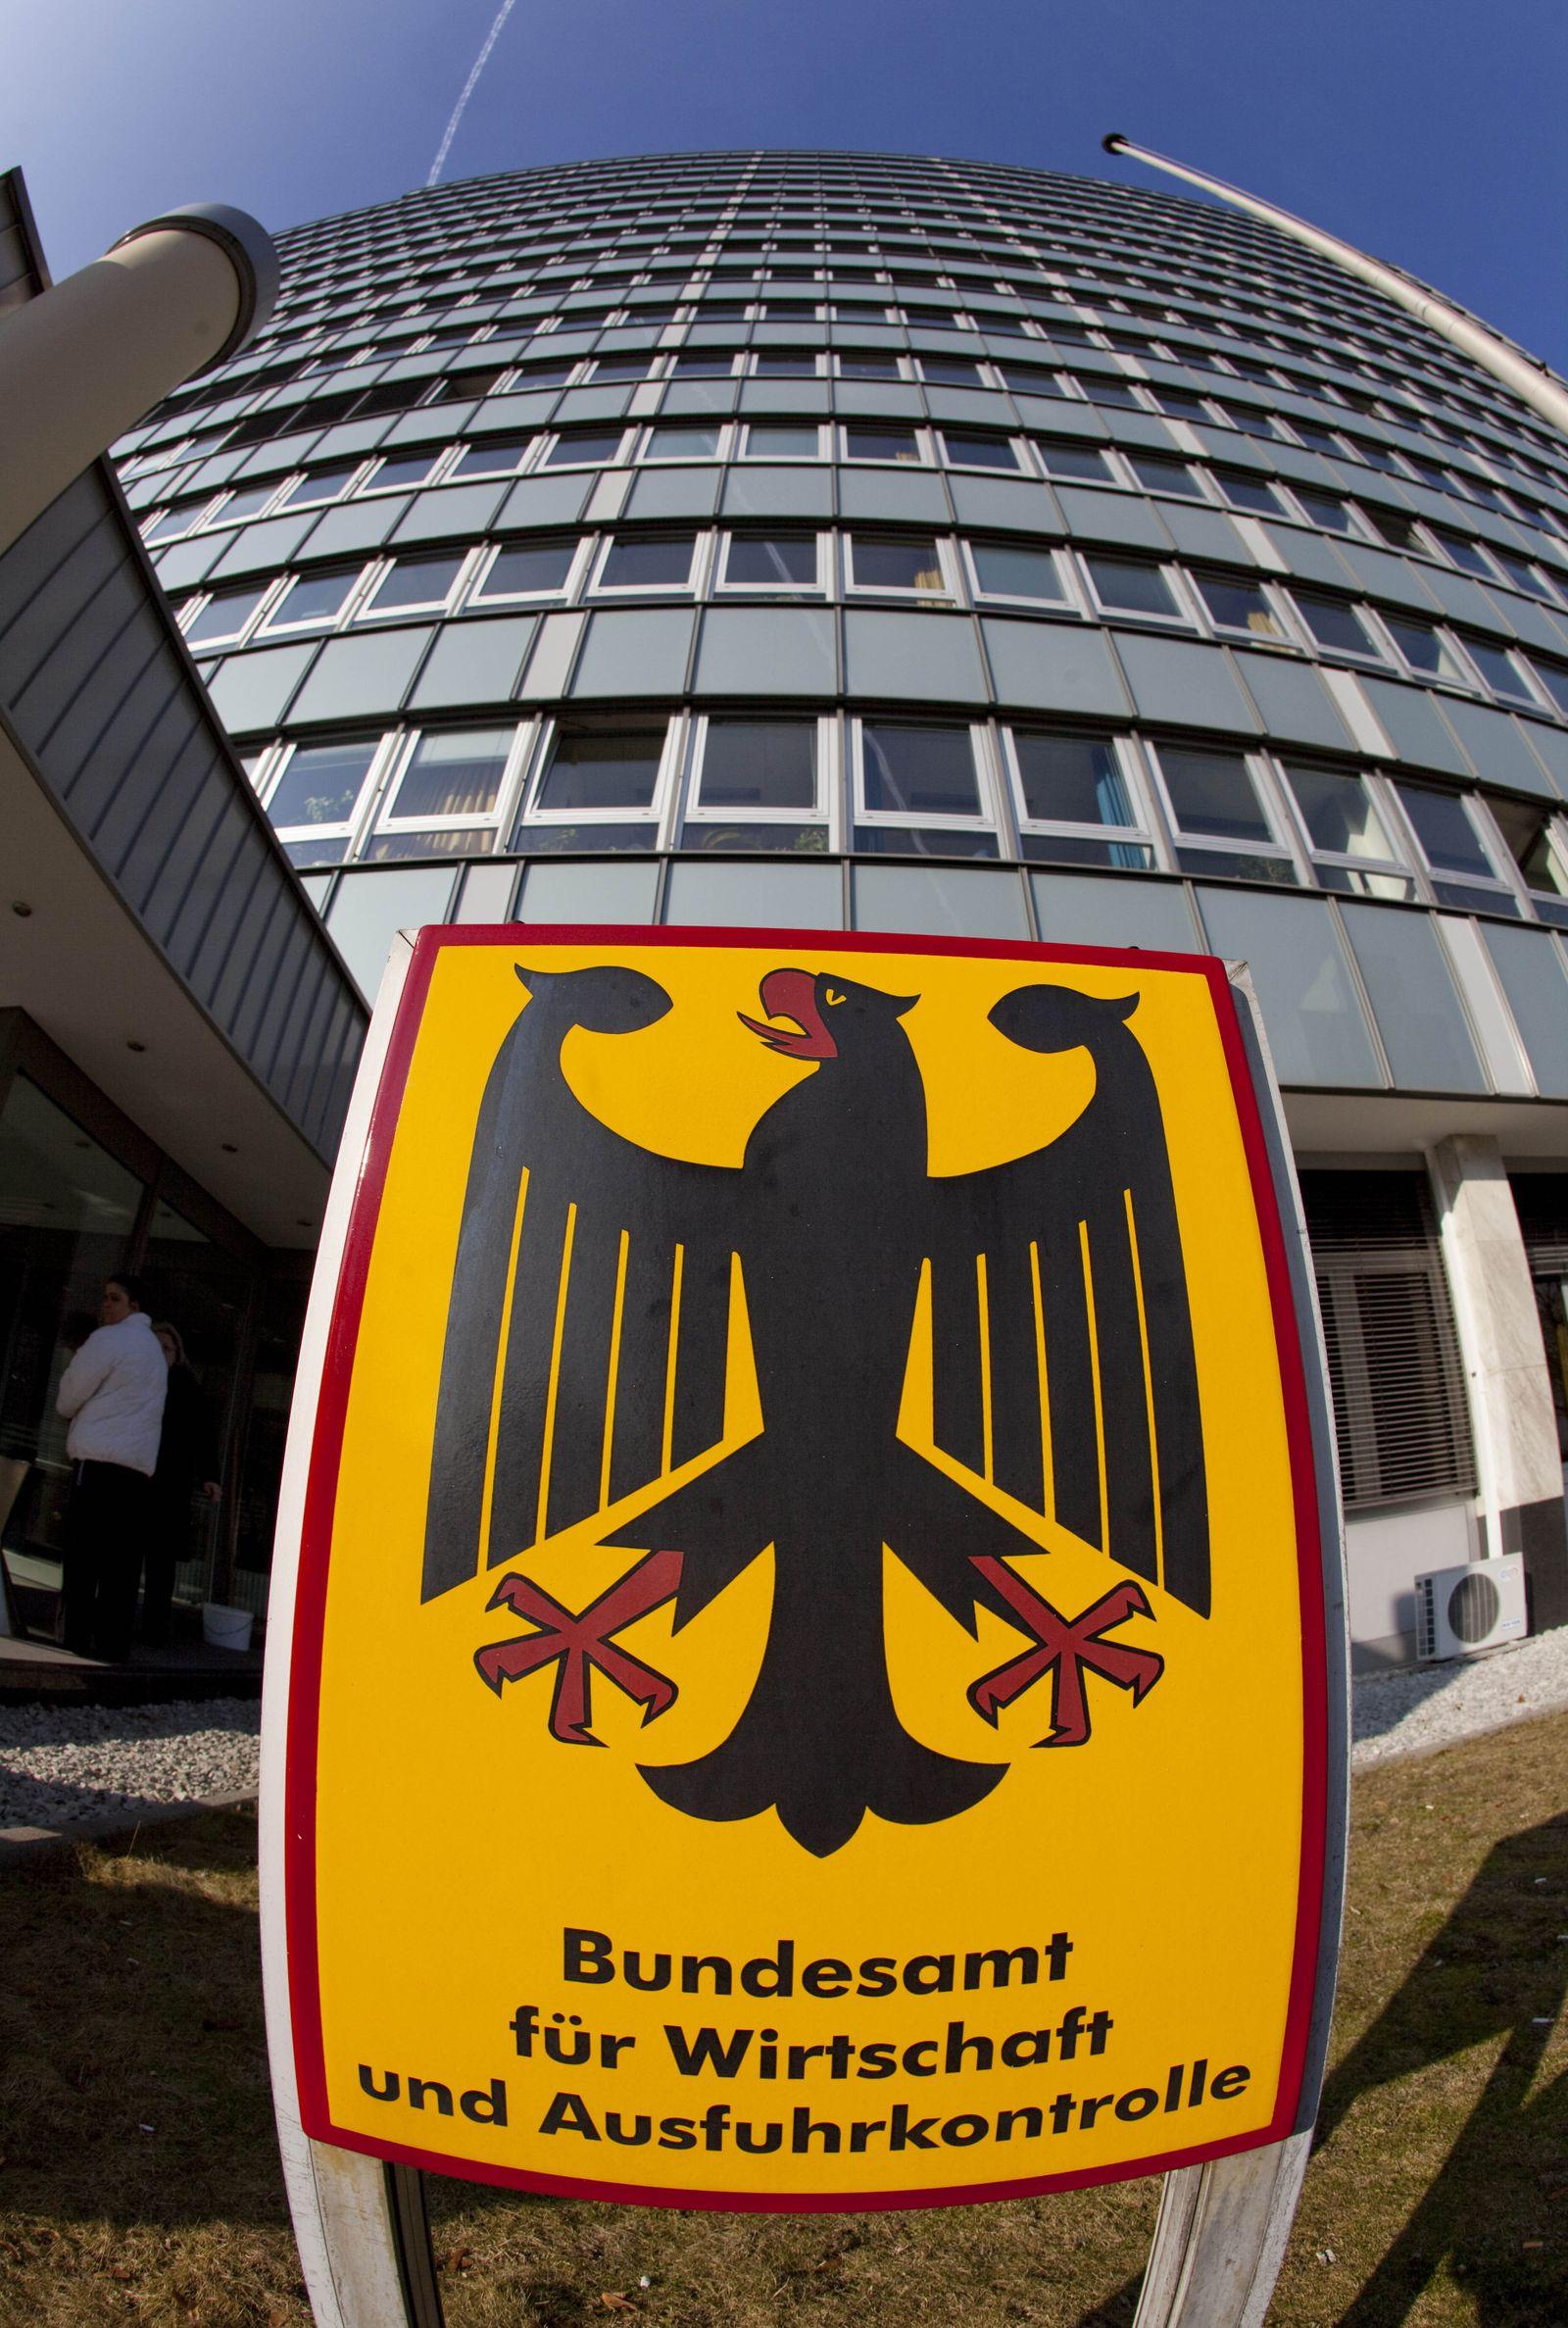 Bundesamt für Wirtschaft und Ausfuhrkontrolle (BAFA)